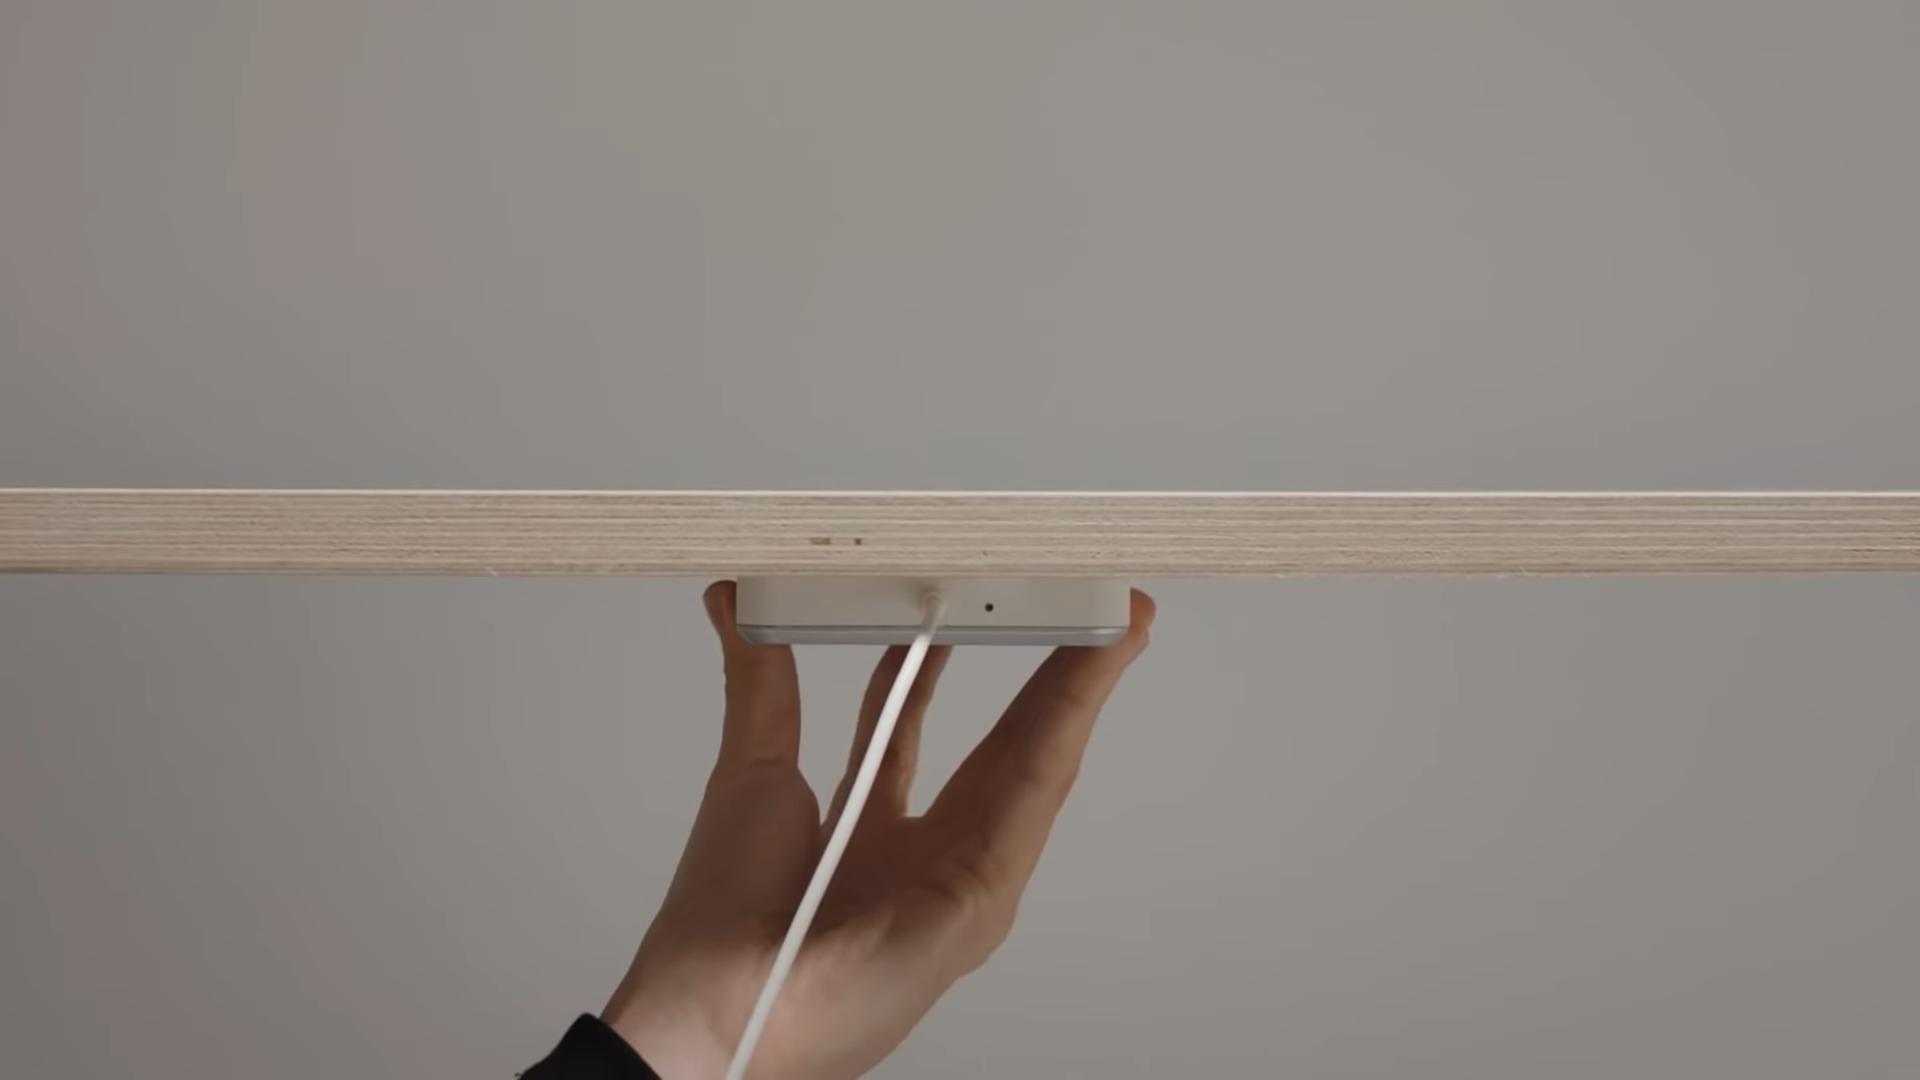 Ikea SJÖMÄRKE aneb vybavte svůj stůl o bezdrátové nabíjení nejen smartphonu [aktualizováno]